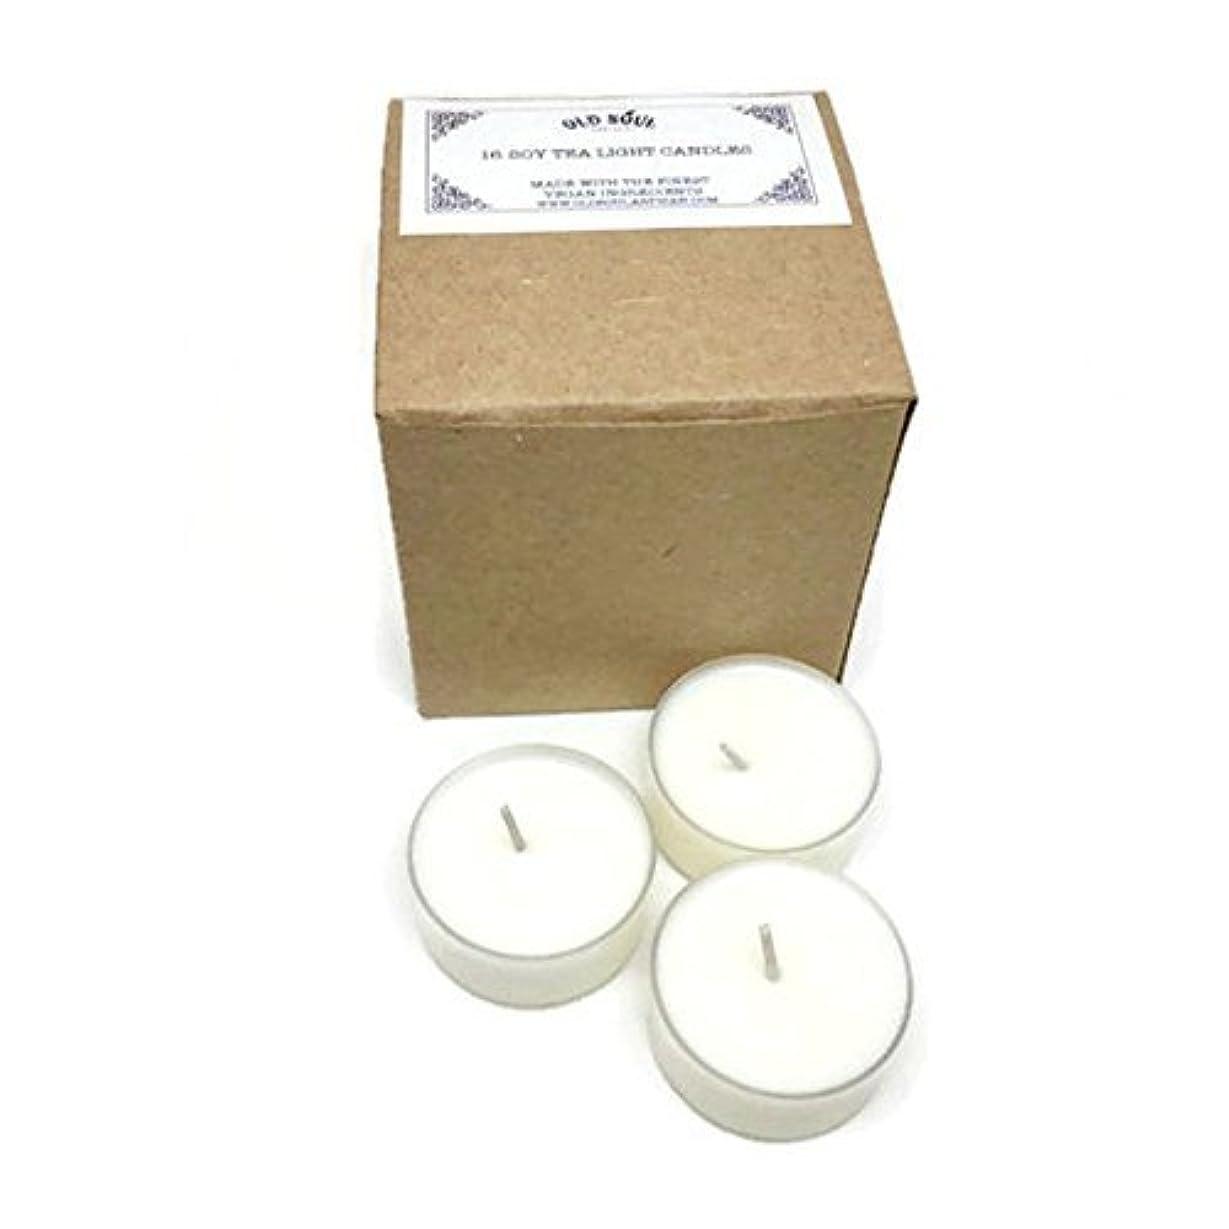 クロールメガロポリスラジエーターEgyptian Amber Scented Vegan Soy Tea Light Candles - 16 Box Set [並行輸入品]